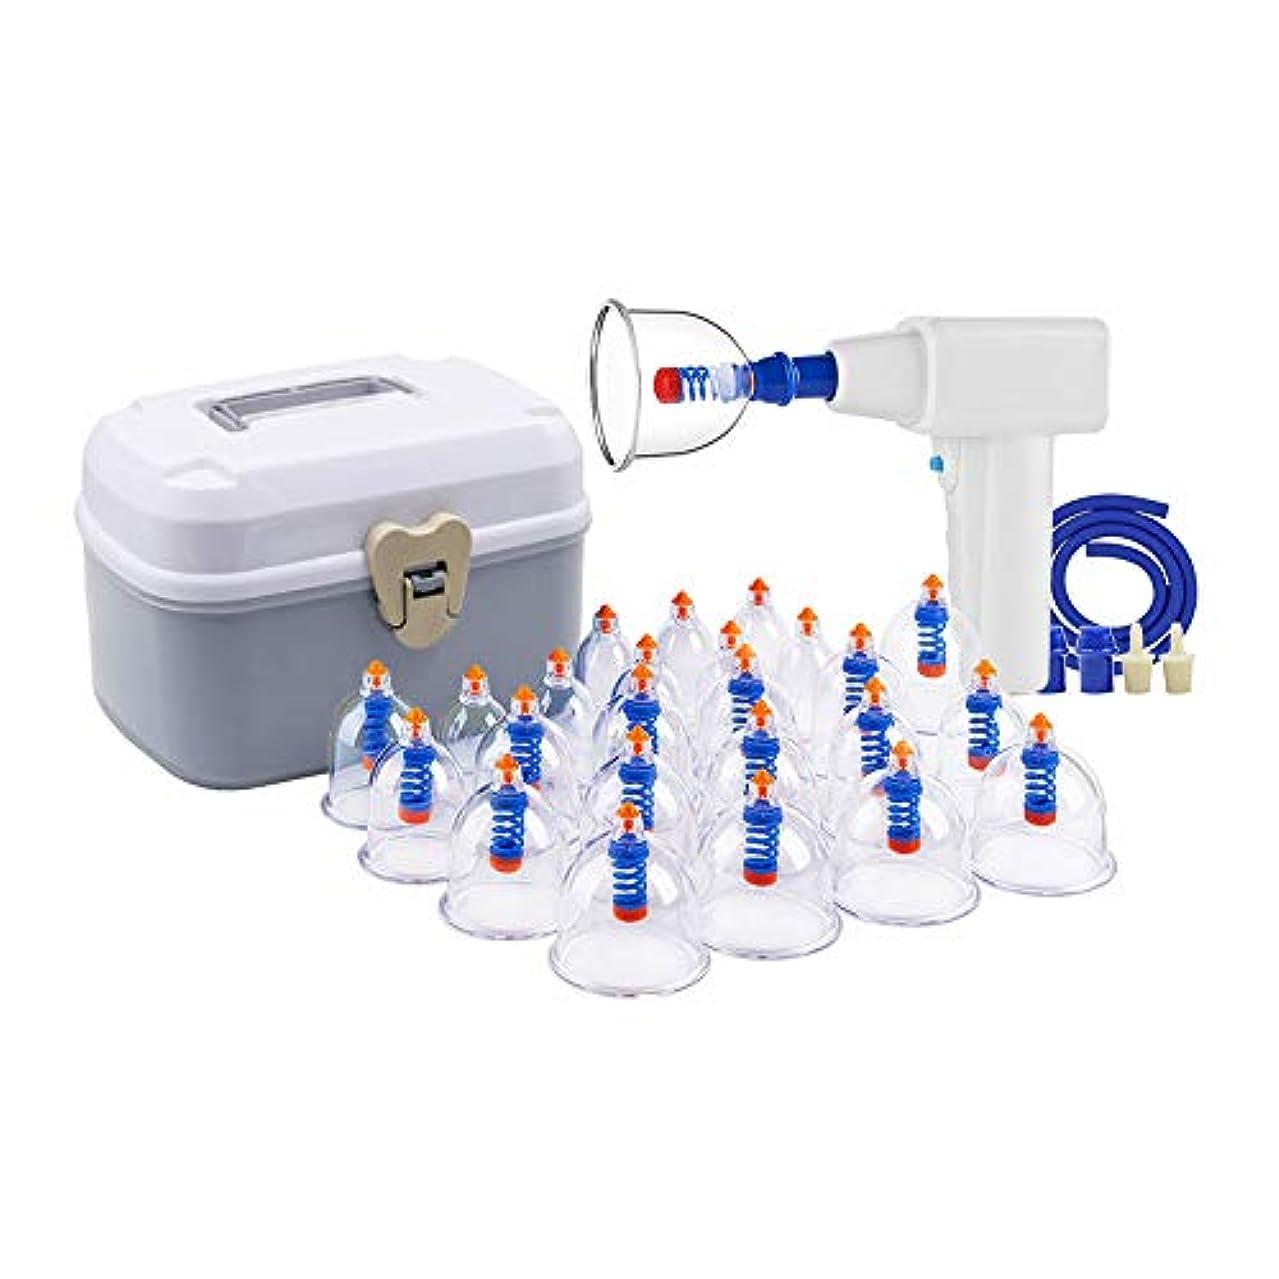 噴水二度創造カッピング装置 - 家庭用電気プロフェッショナルカッピング治療装置24カップは、大人と高齢者に適したポンプと伸展チューブで設定 美しさ